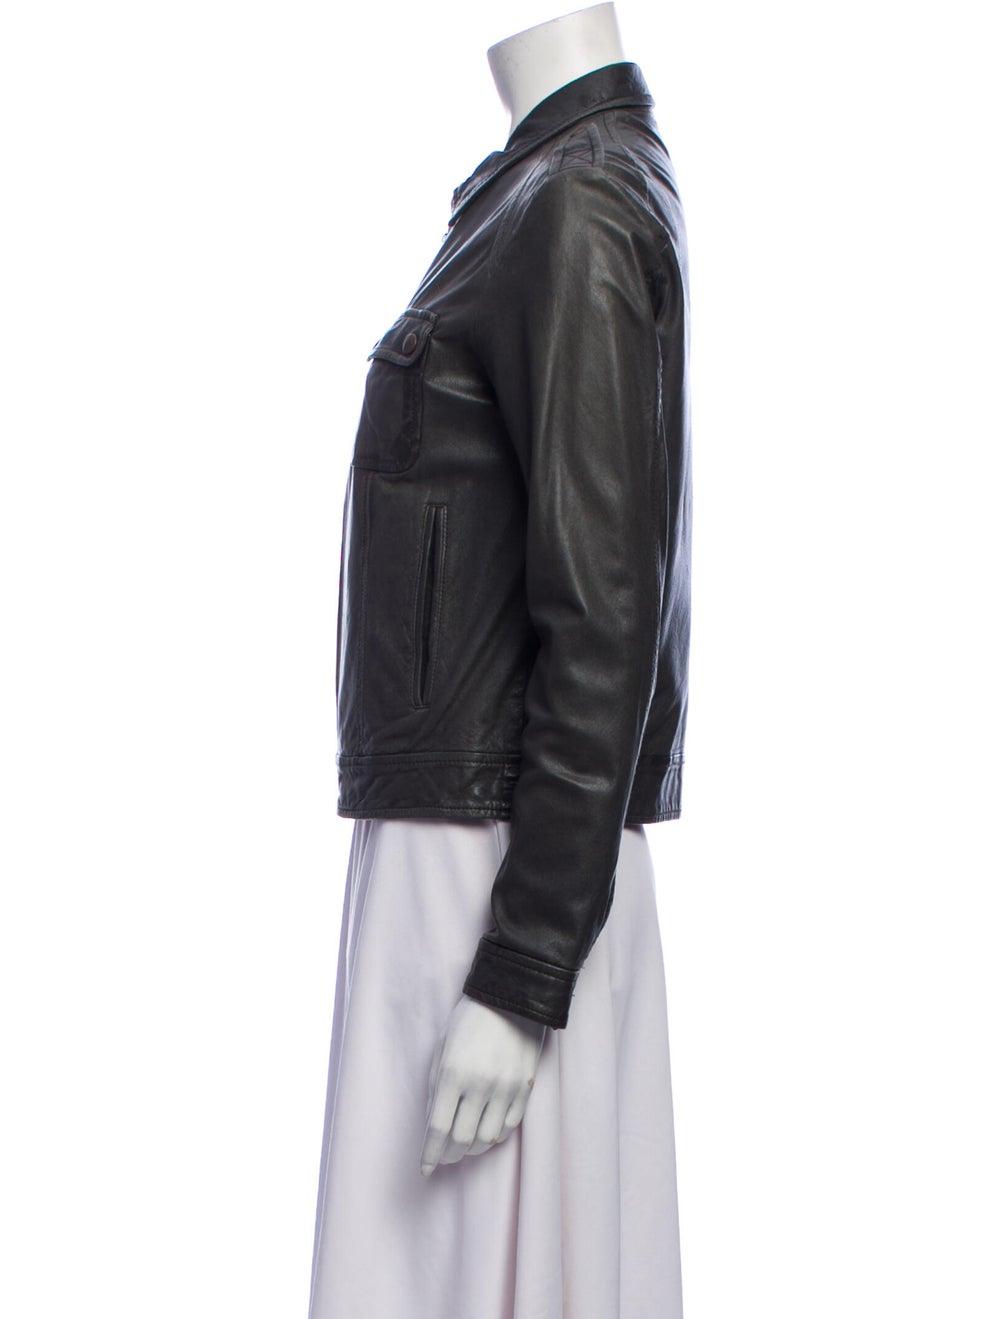 Rag & Bone Leather Jacket Green - image 2